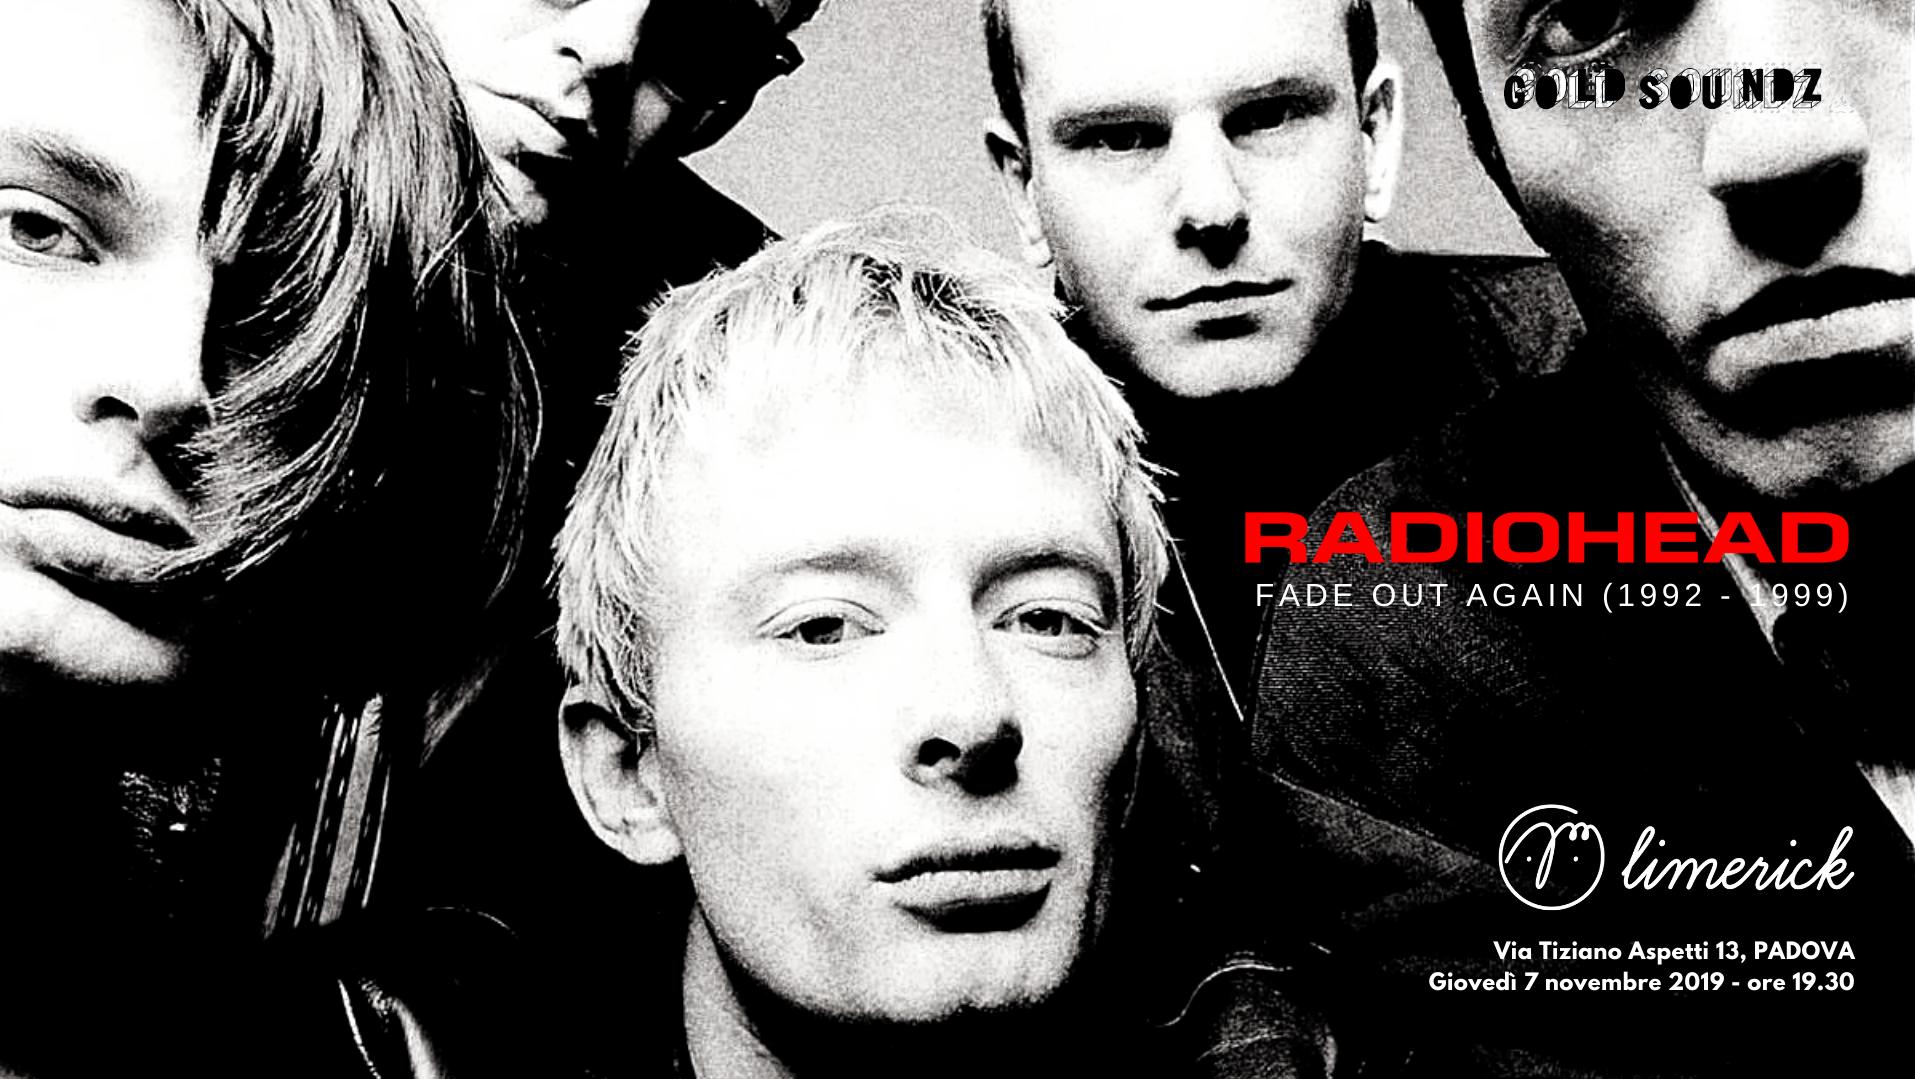 Radiohead Fade Out Again